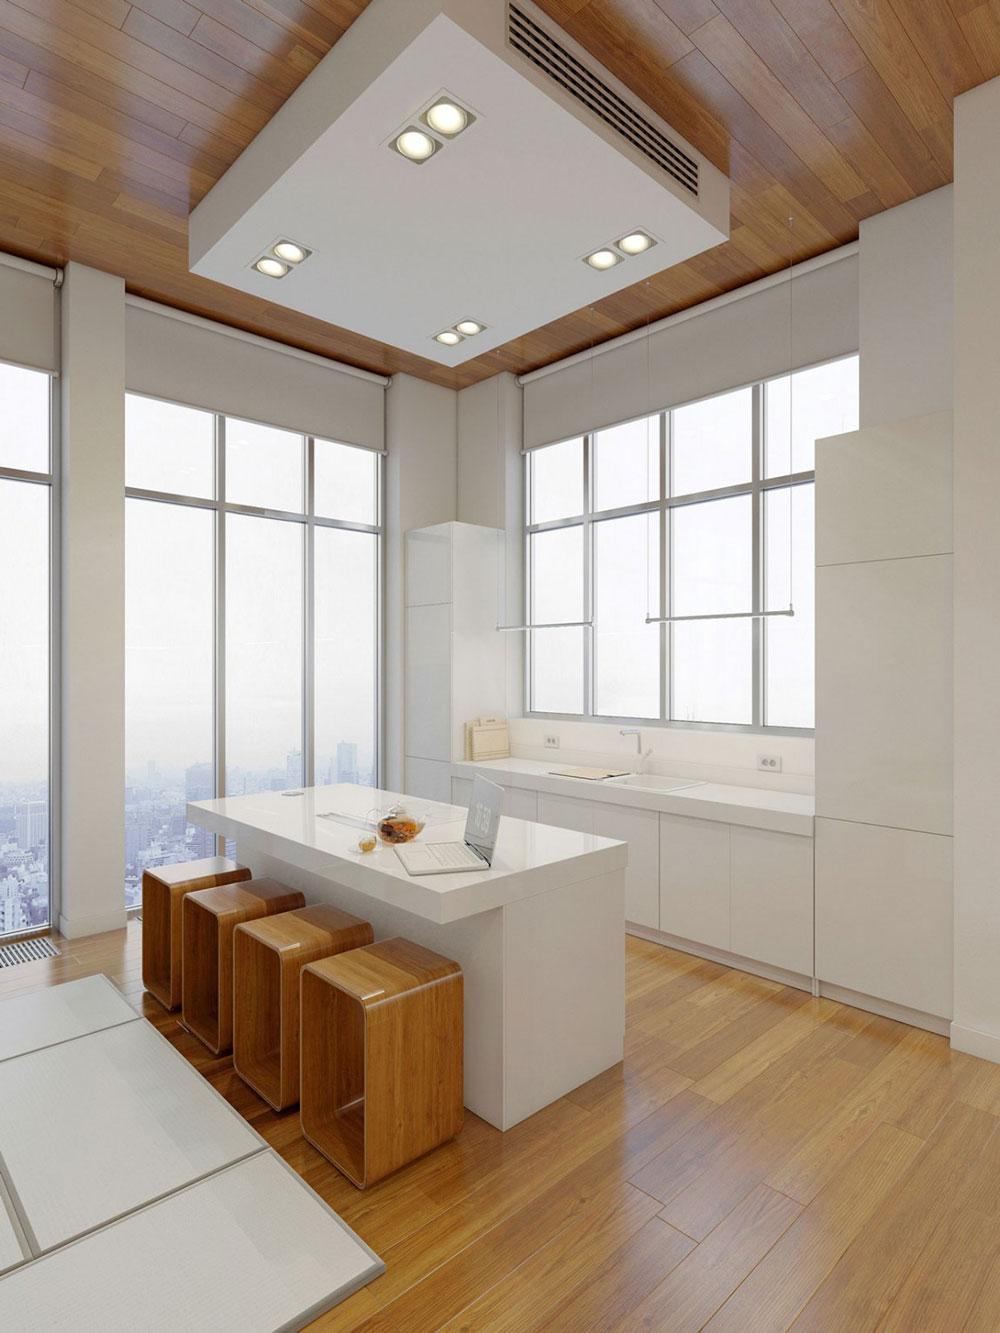 Lovely-Kitchen-Interiors-With-White-Cabinets-4 Vacker köksinredning med vita skåp